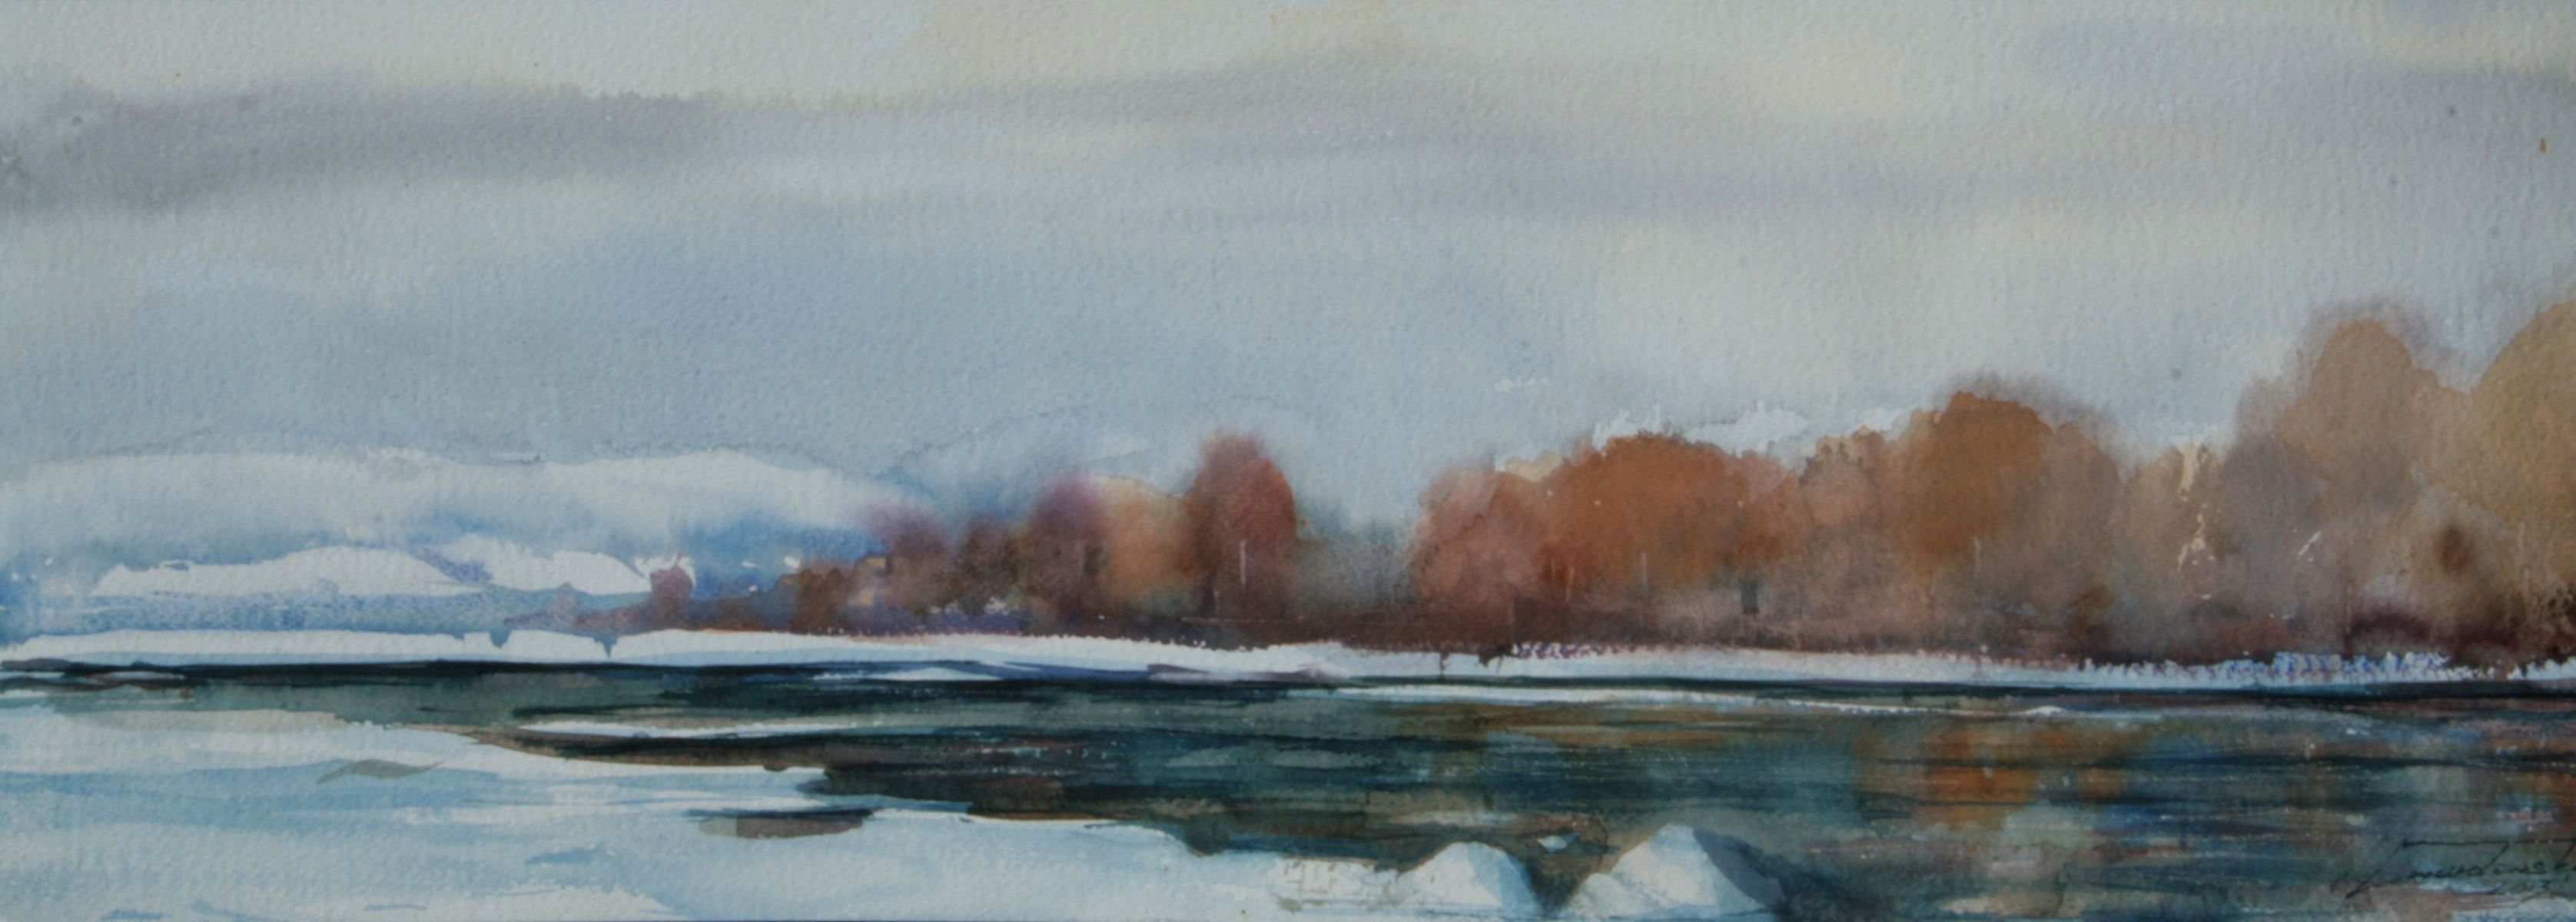 Zima nad Dunajcem. 60x20 cm. Kazimierz Twardowski